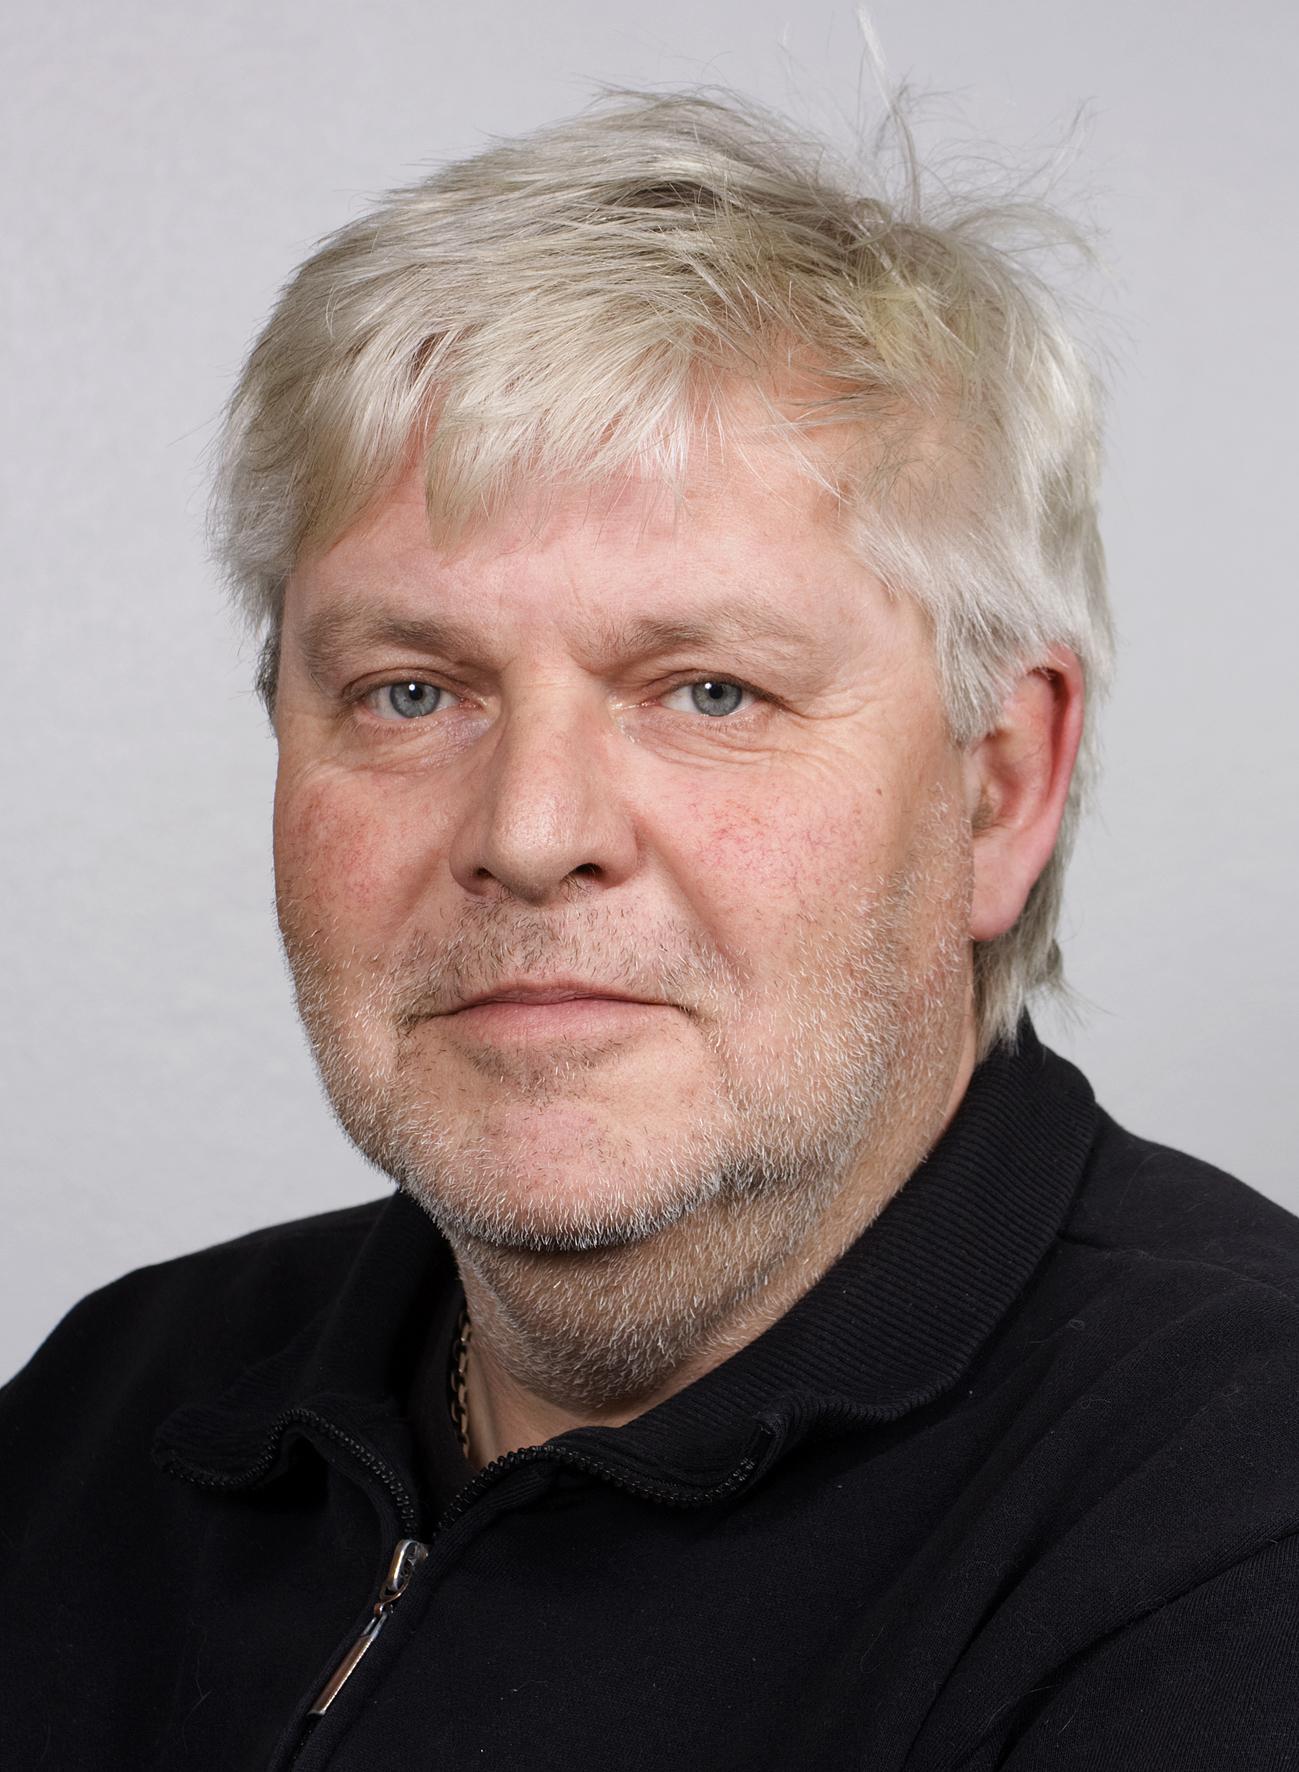 Bilde av Eriksen, Bjørn Karsten